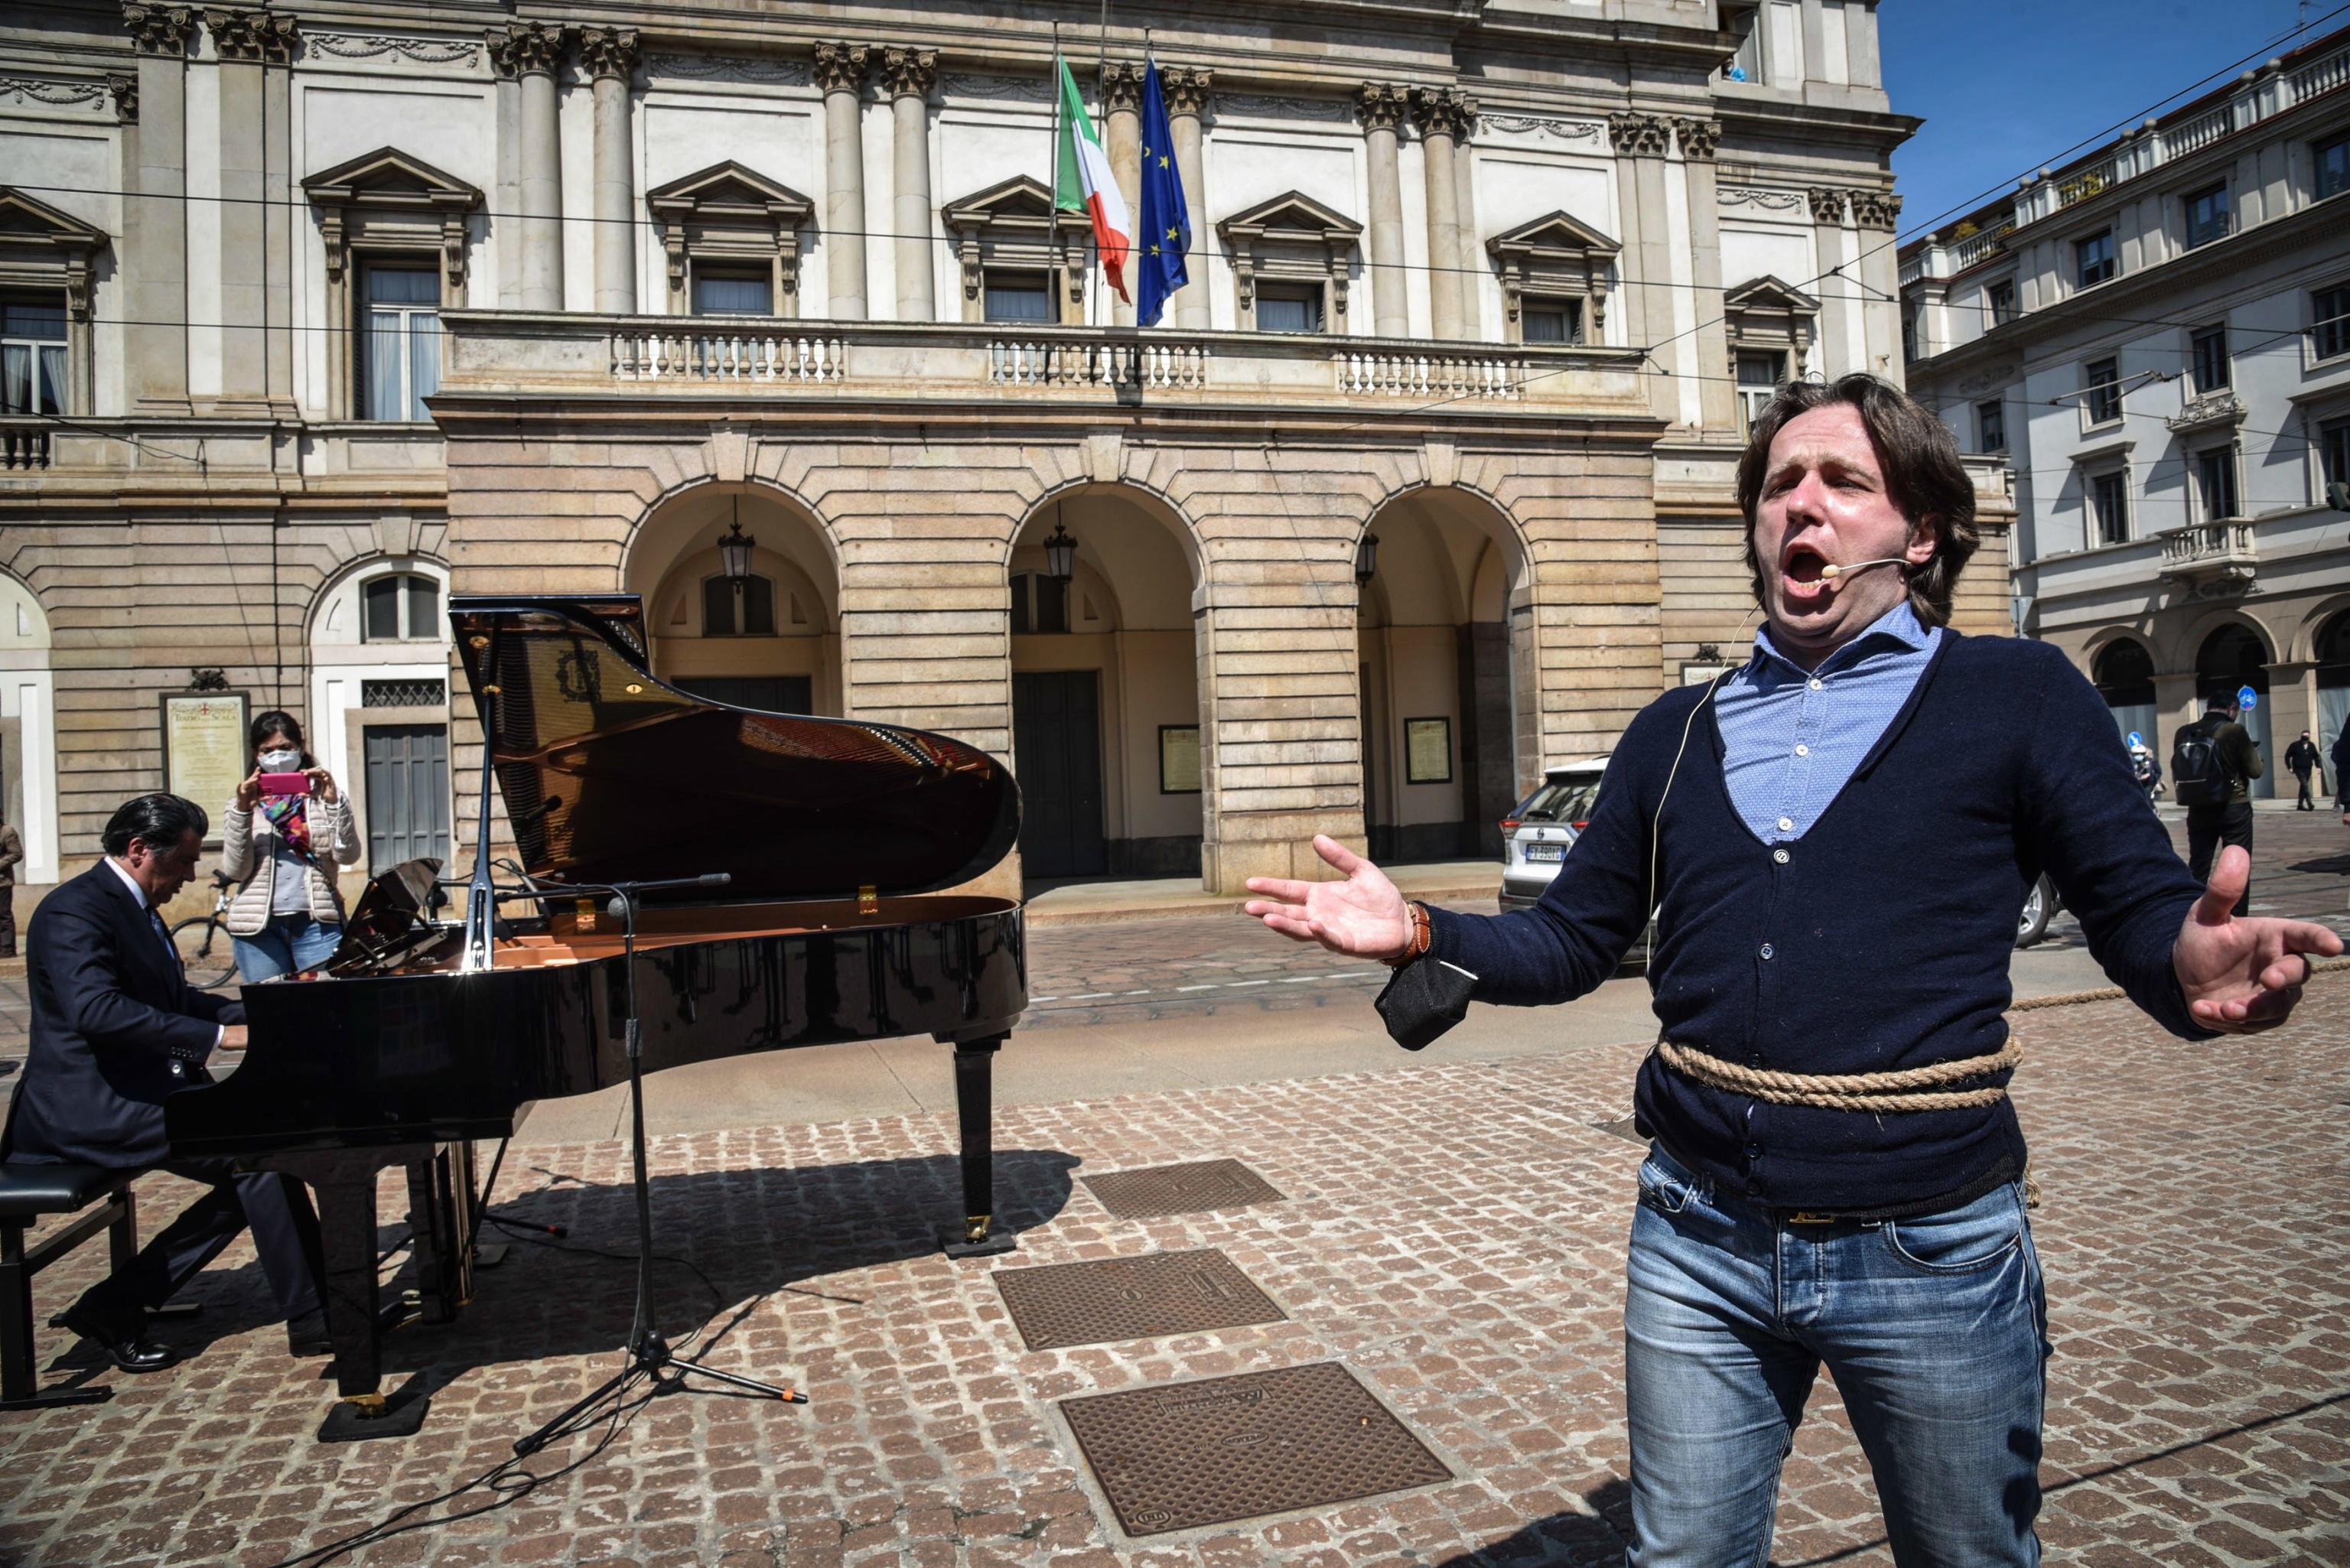 Protesta contra las restricciones en La Scala de Milán.